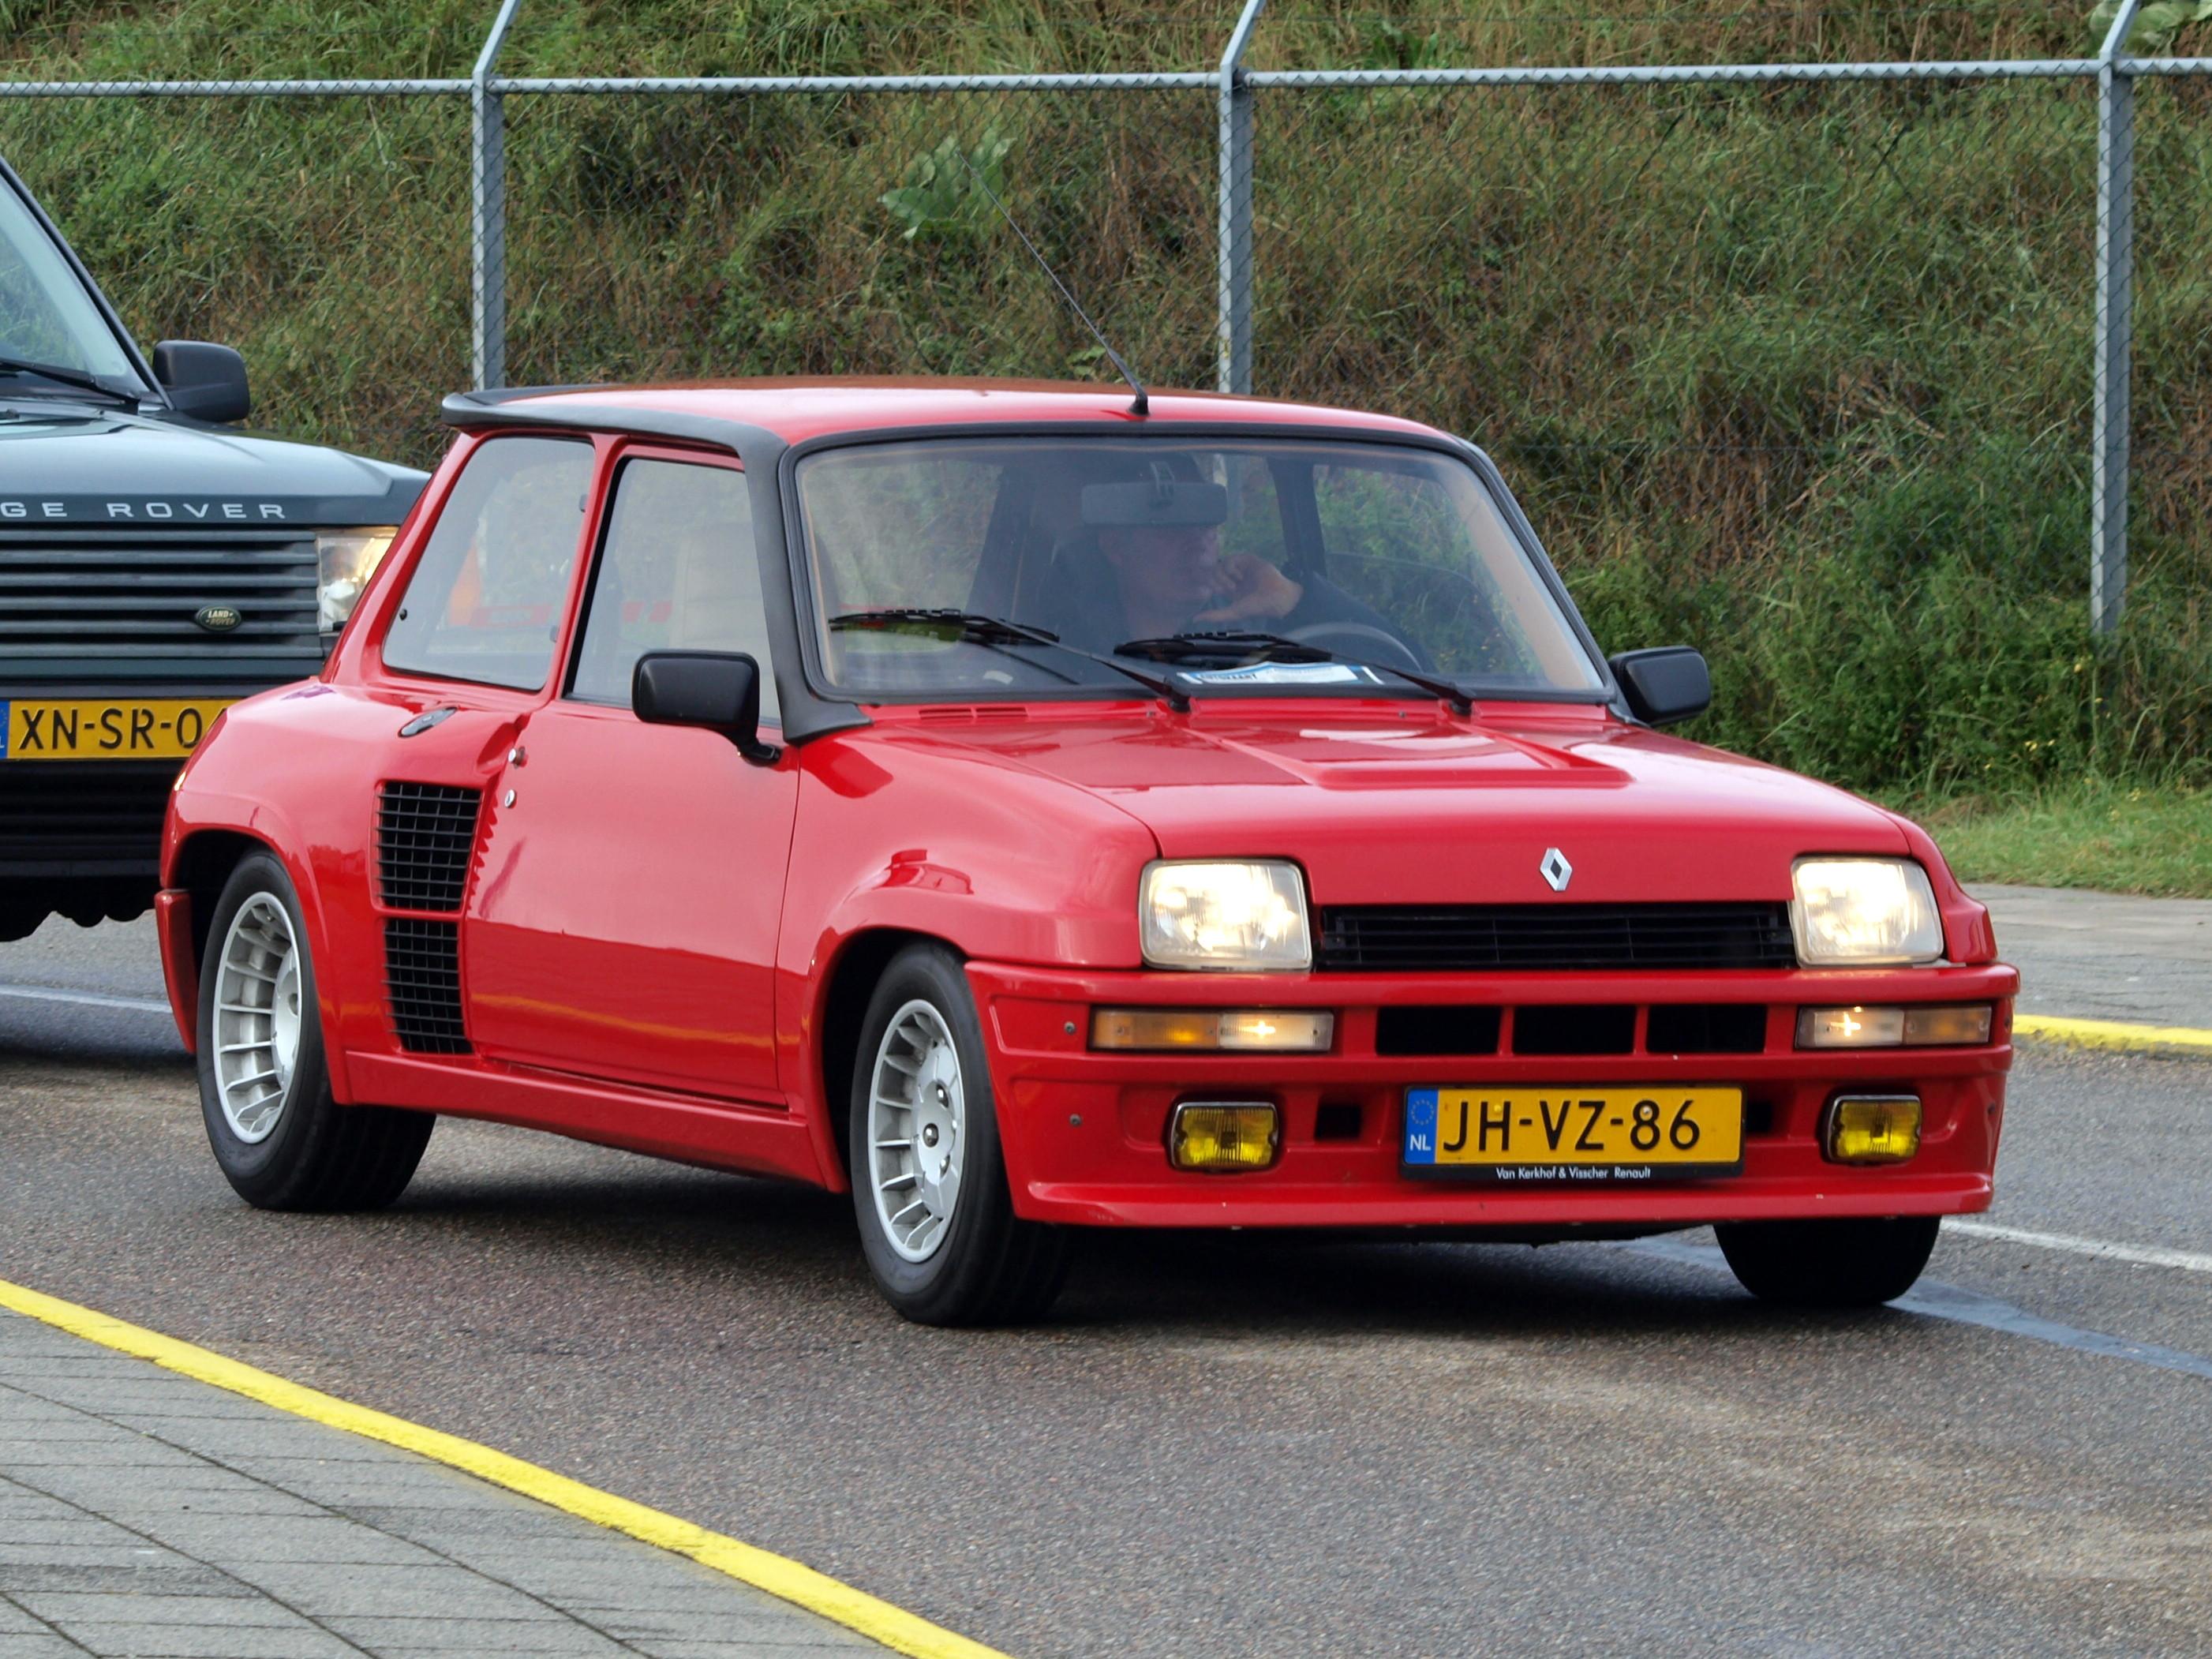 Rhd Car For Sale France